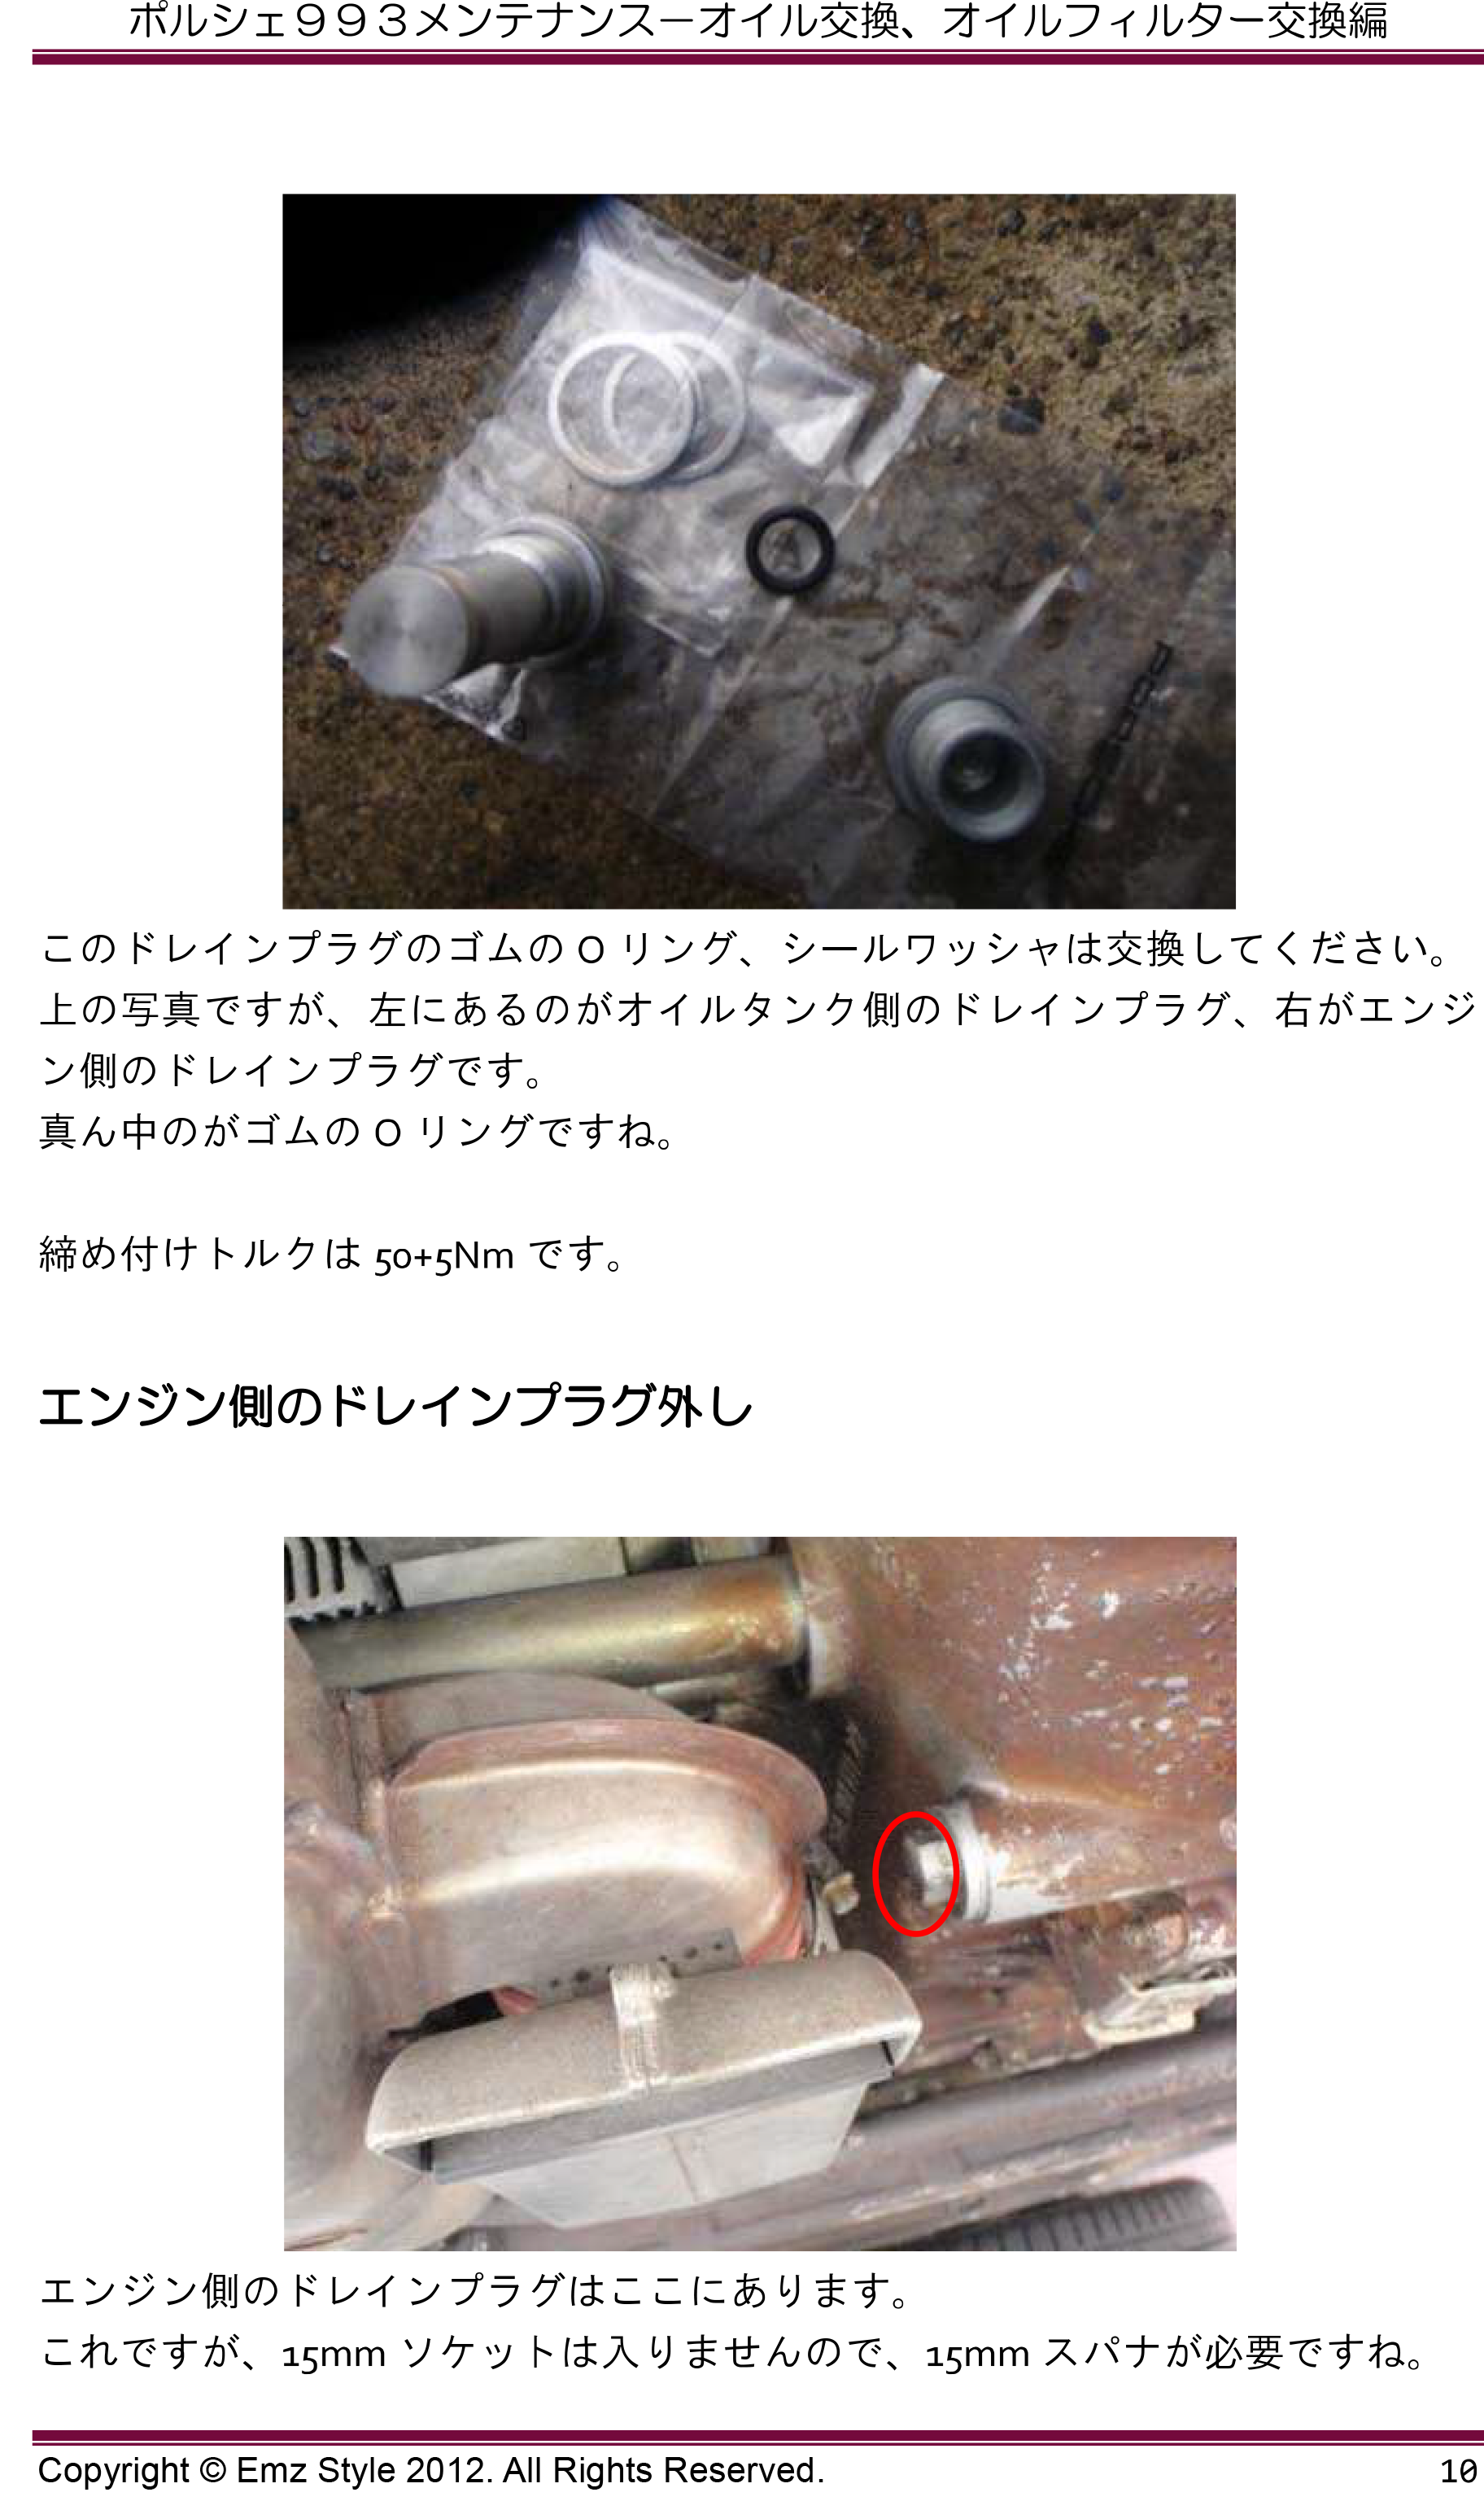 ポルシェ993メンテナンス エンジンオイル、エンジンフィルター交換編